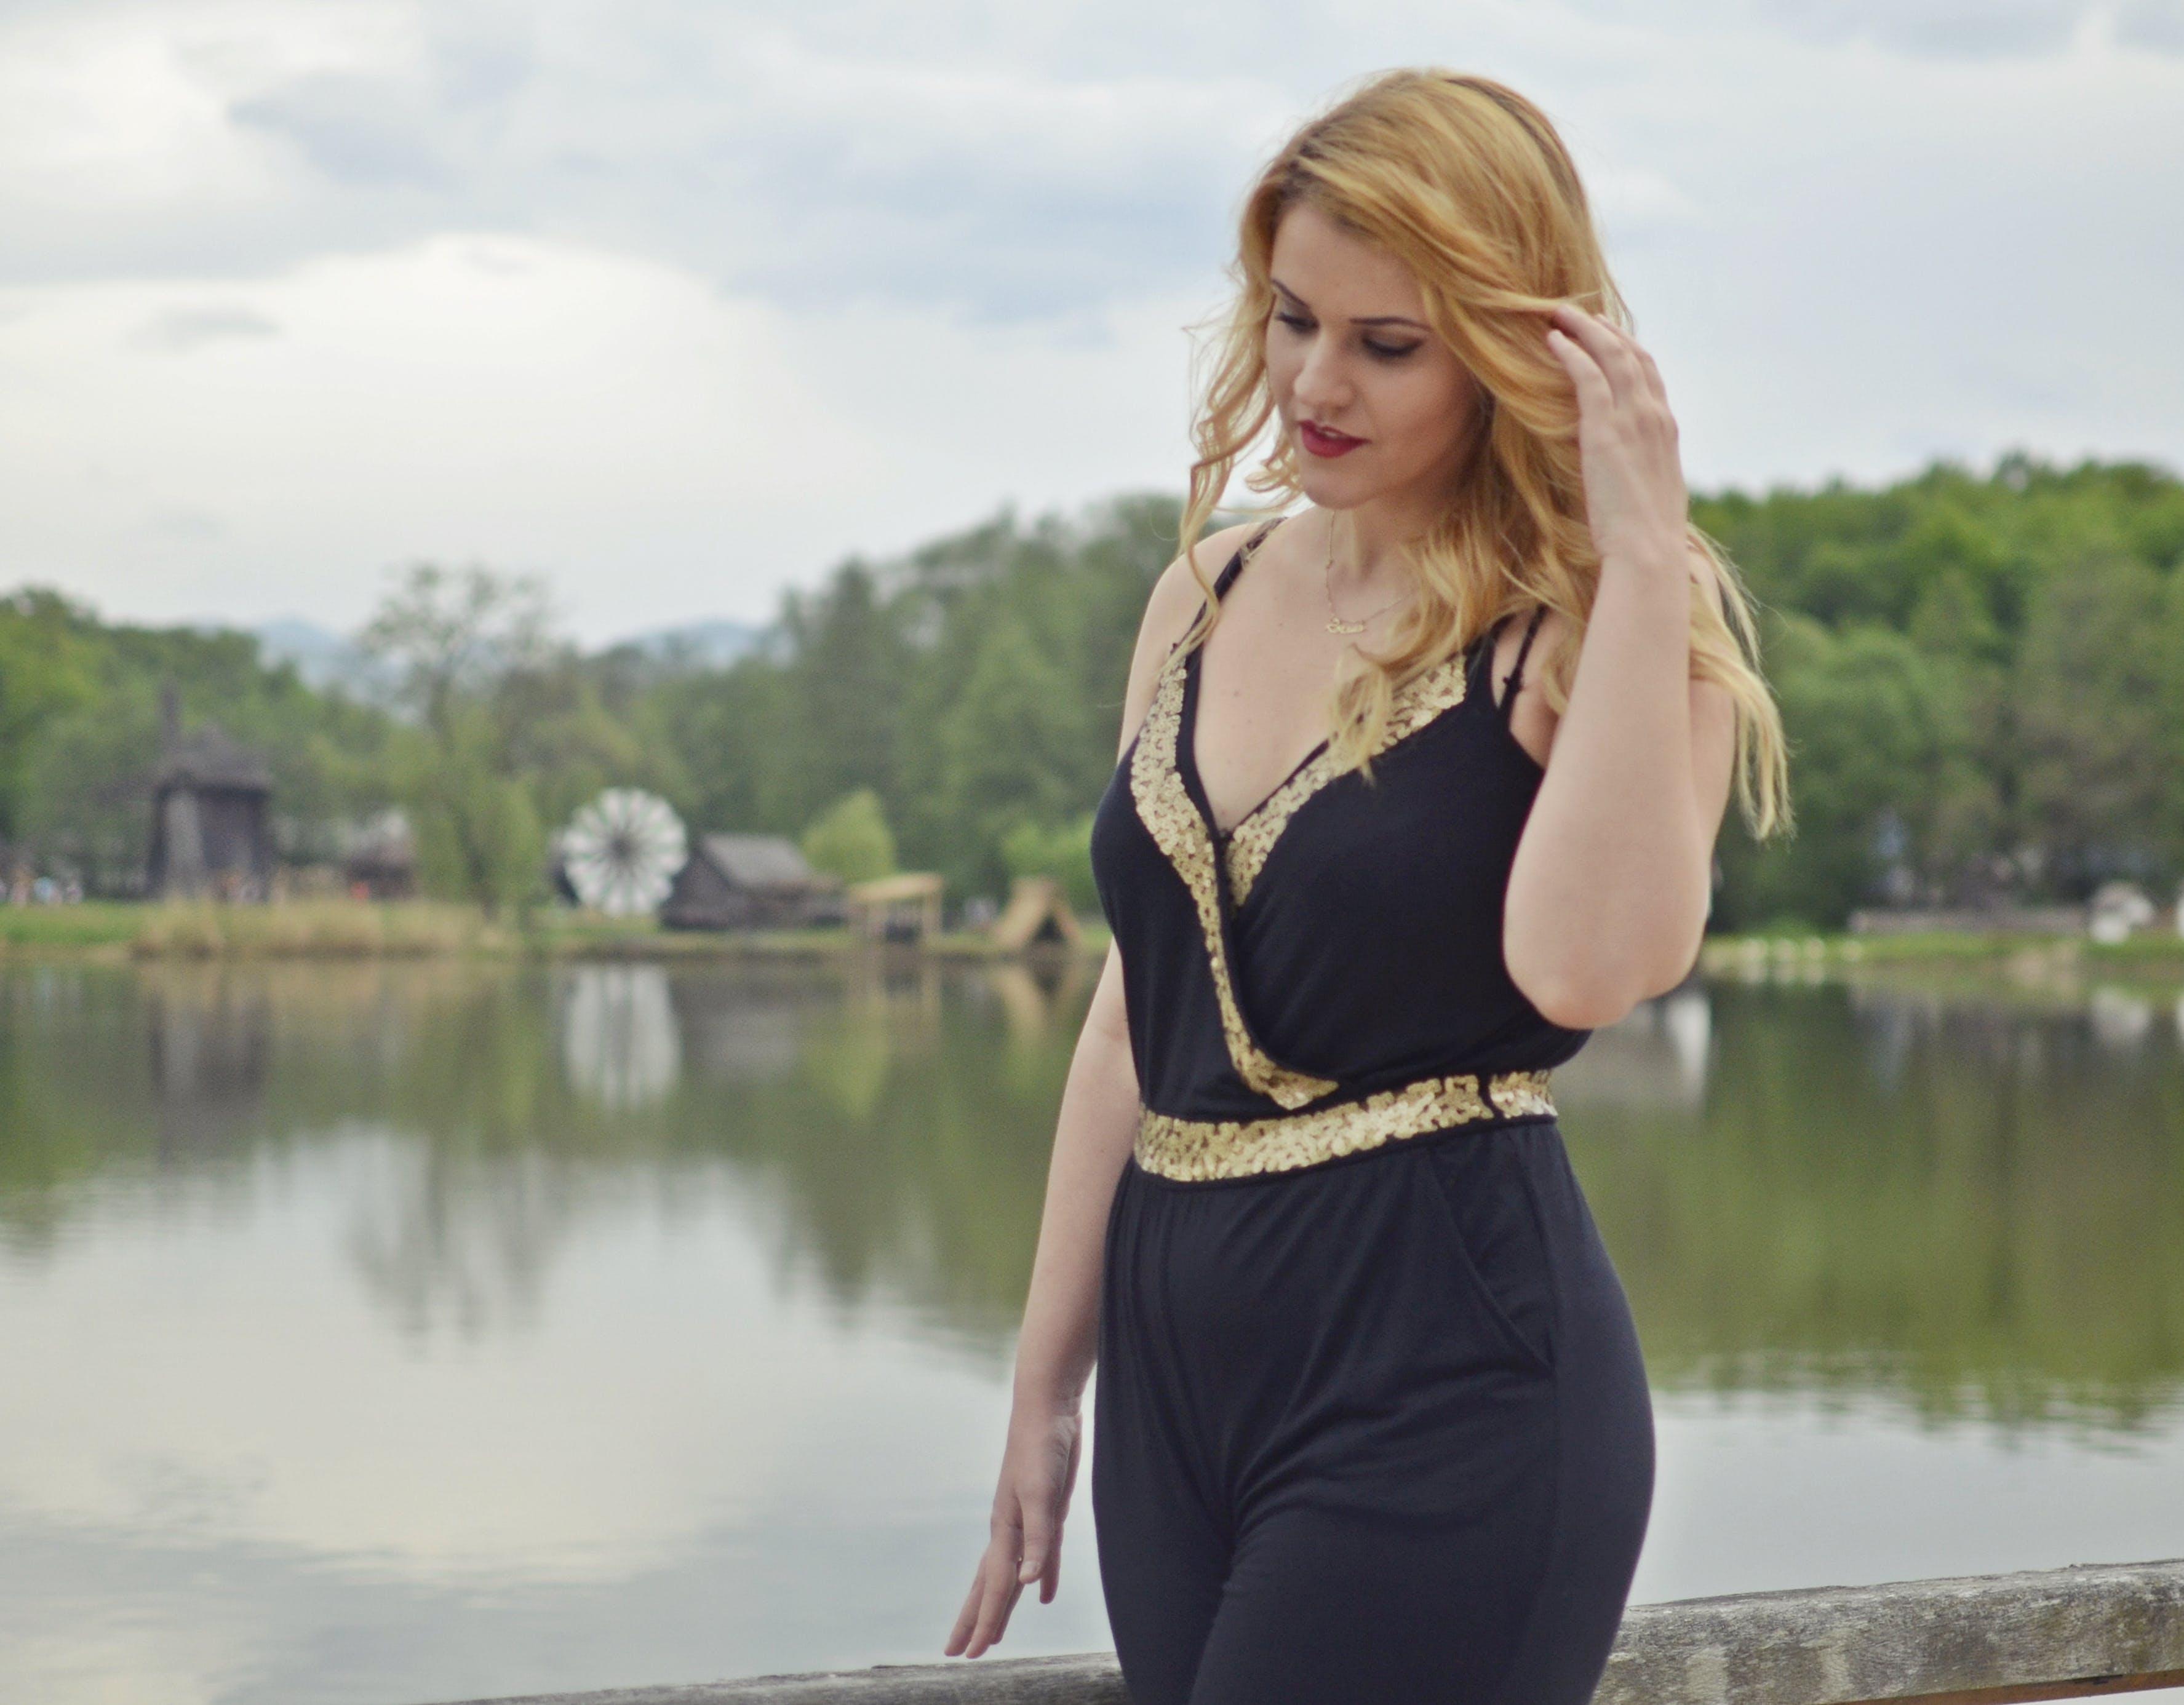 Free stock photo of nature, girl, lake, beautiful